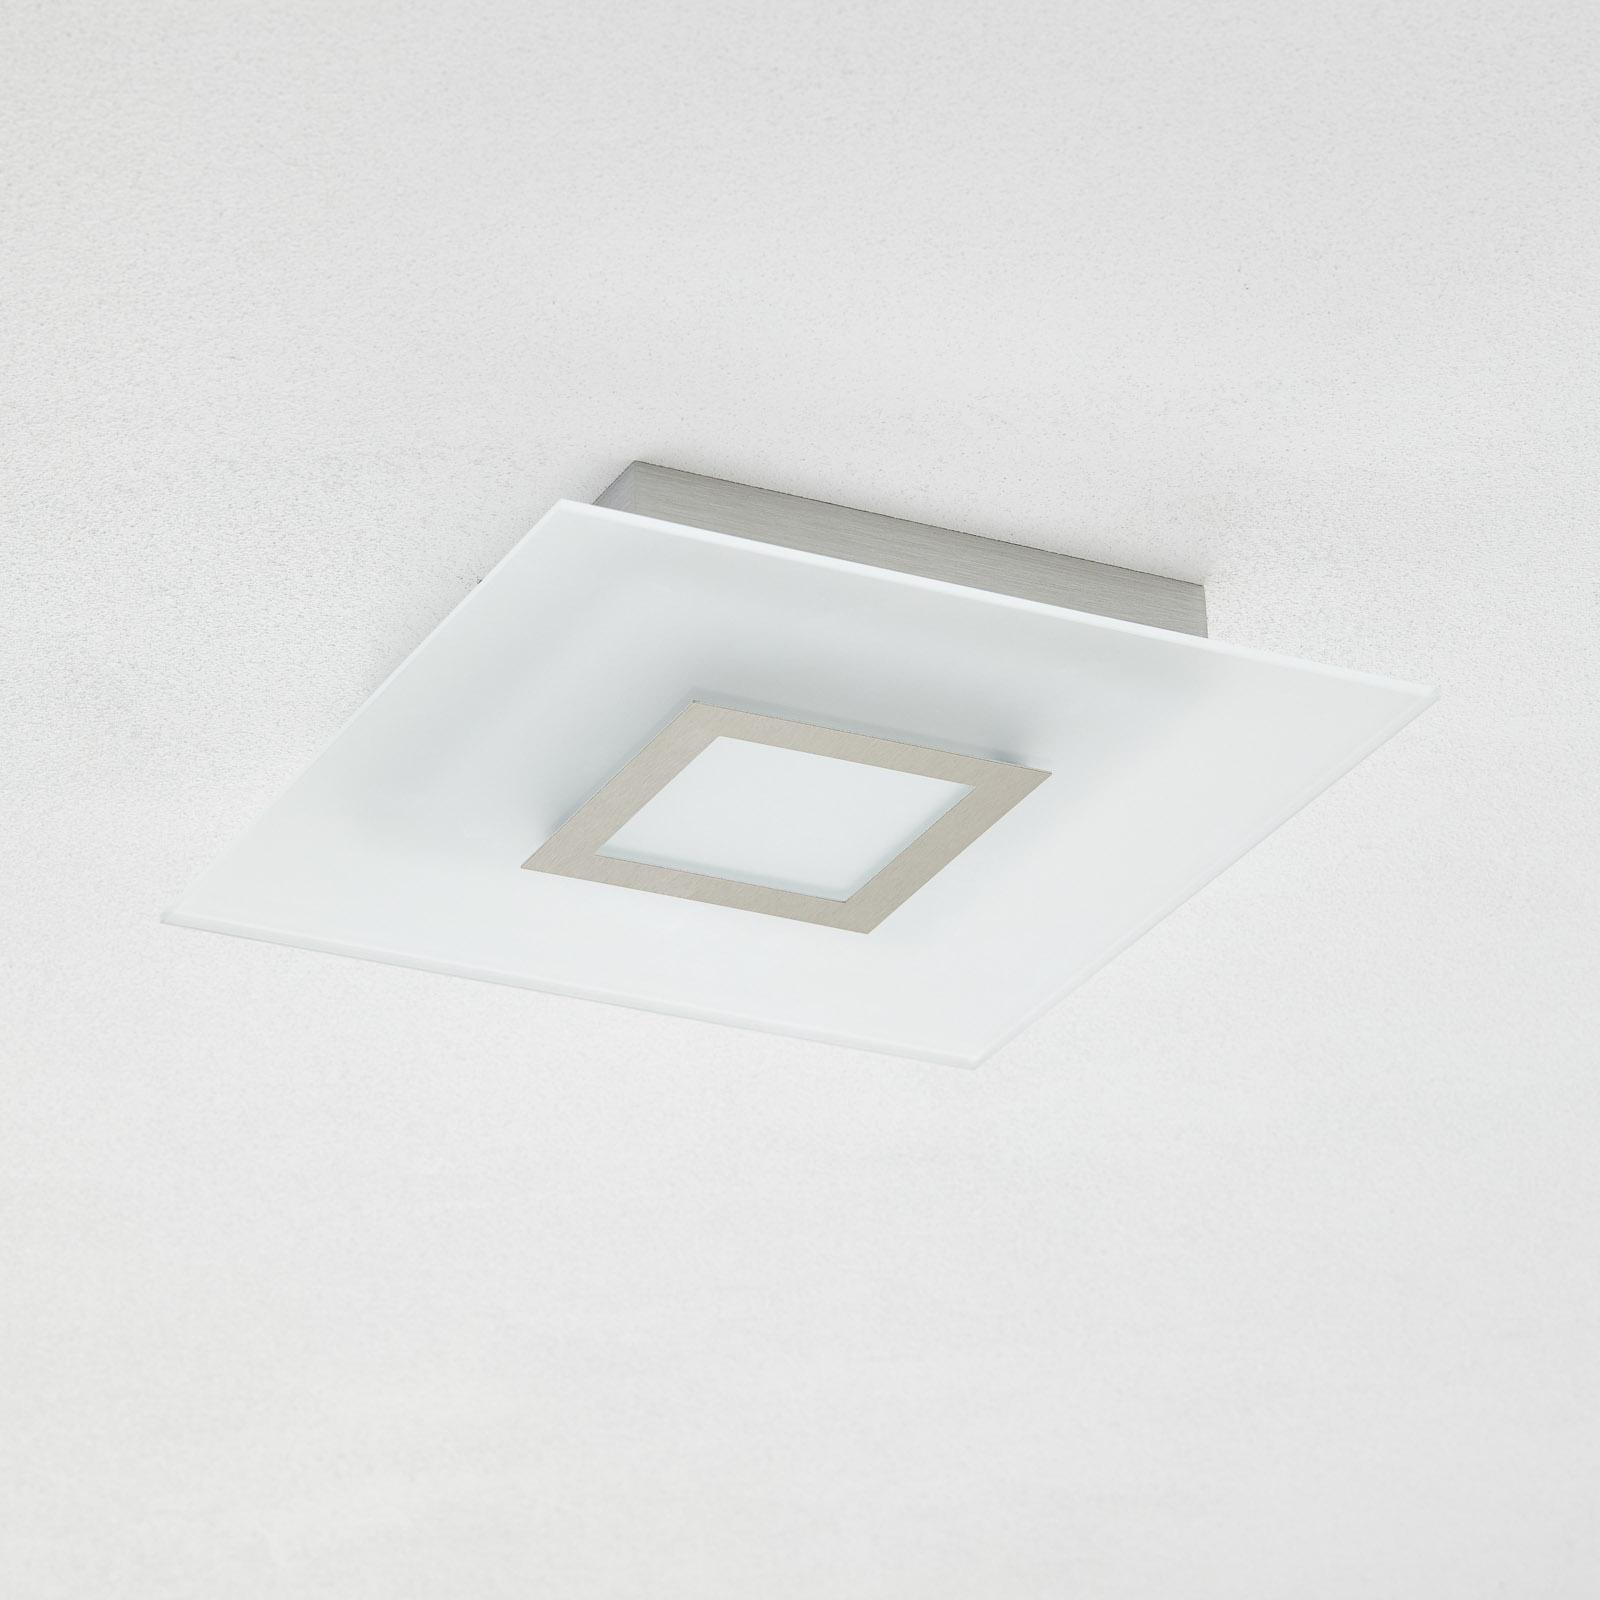 Flat - vierkante LED-plafondlamp, dimbaar